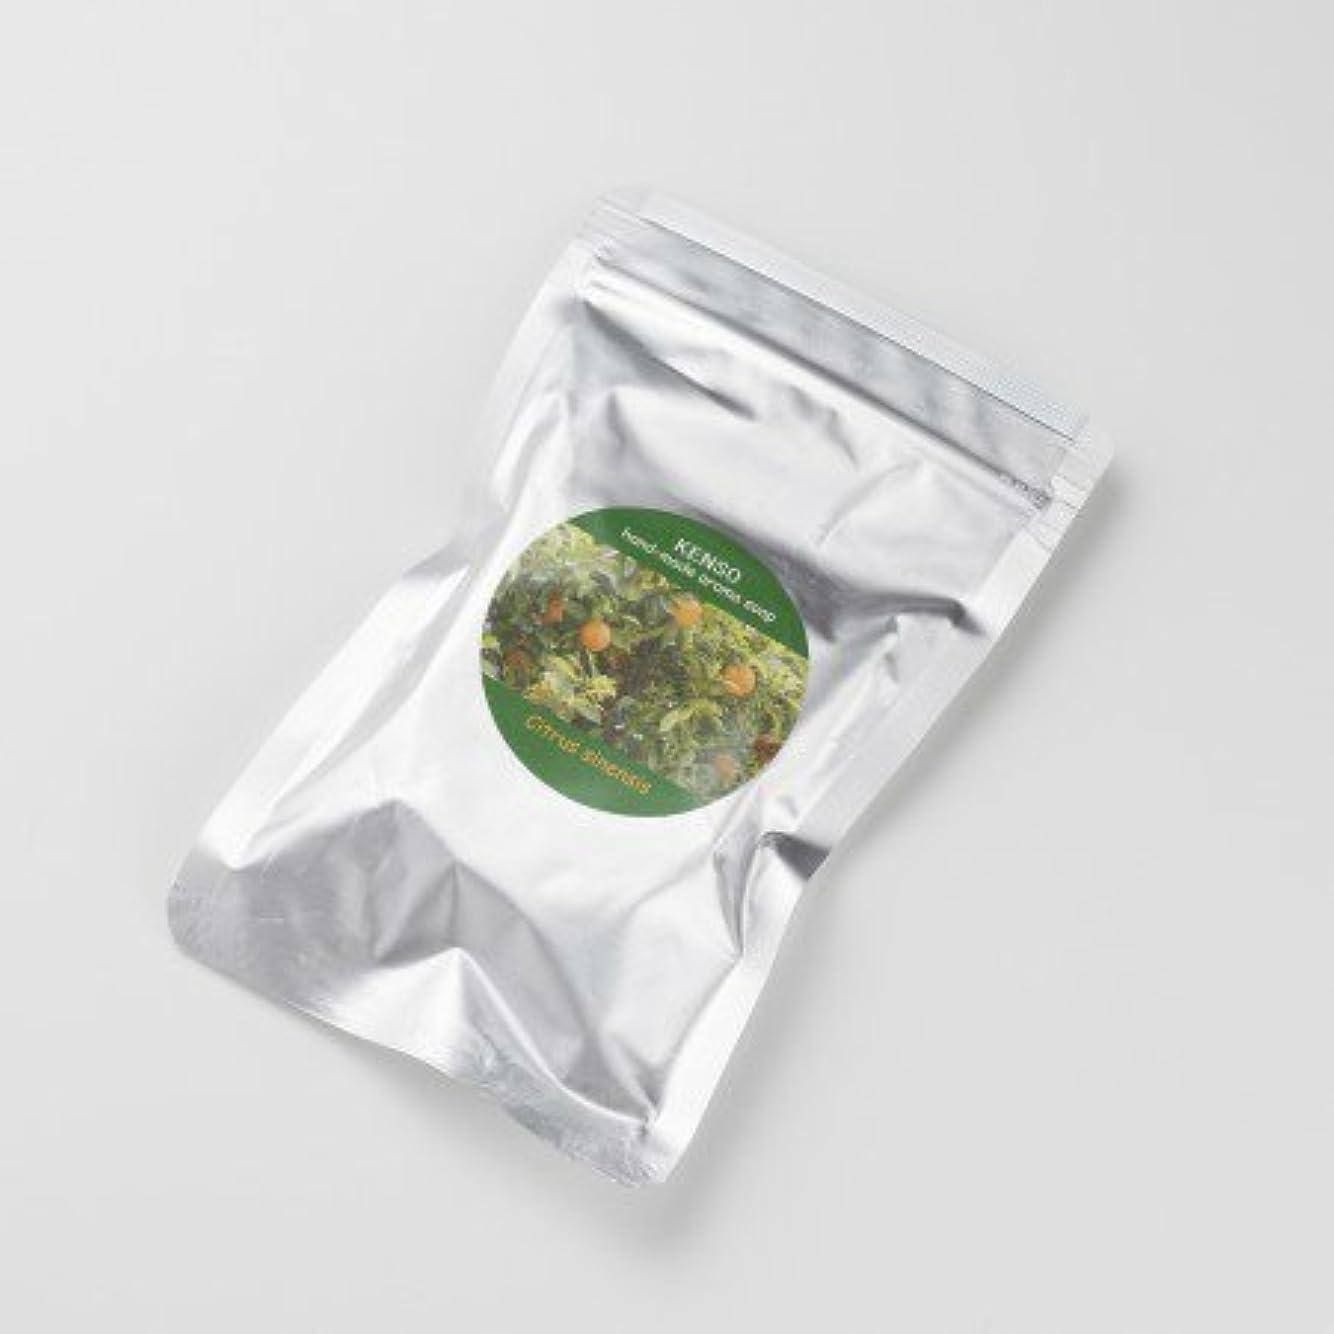 太い神秘的な回復するケンソー アロマグリセリンソープ オレンジソープ 石鹸 50g